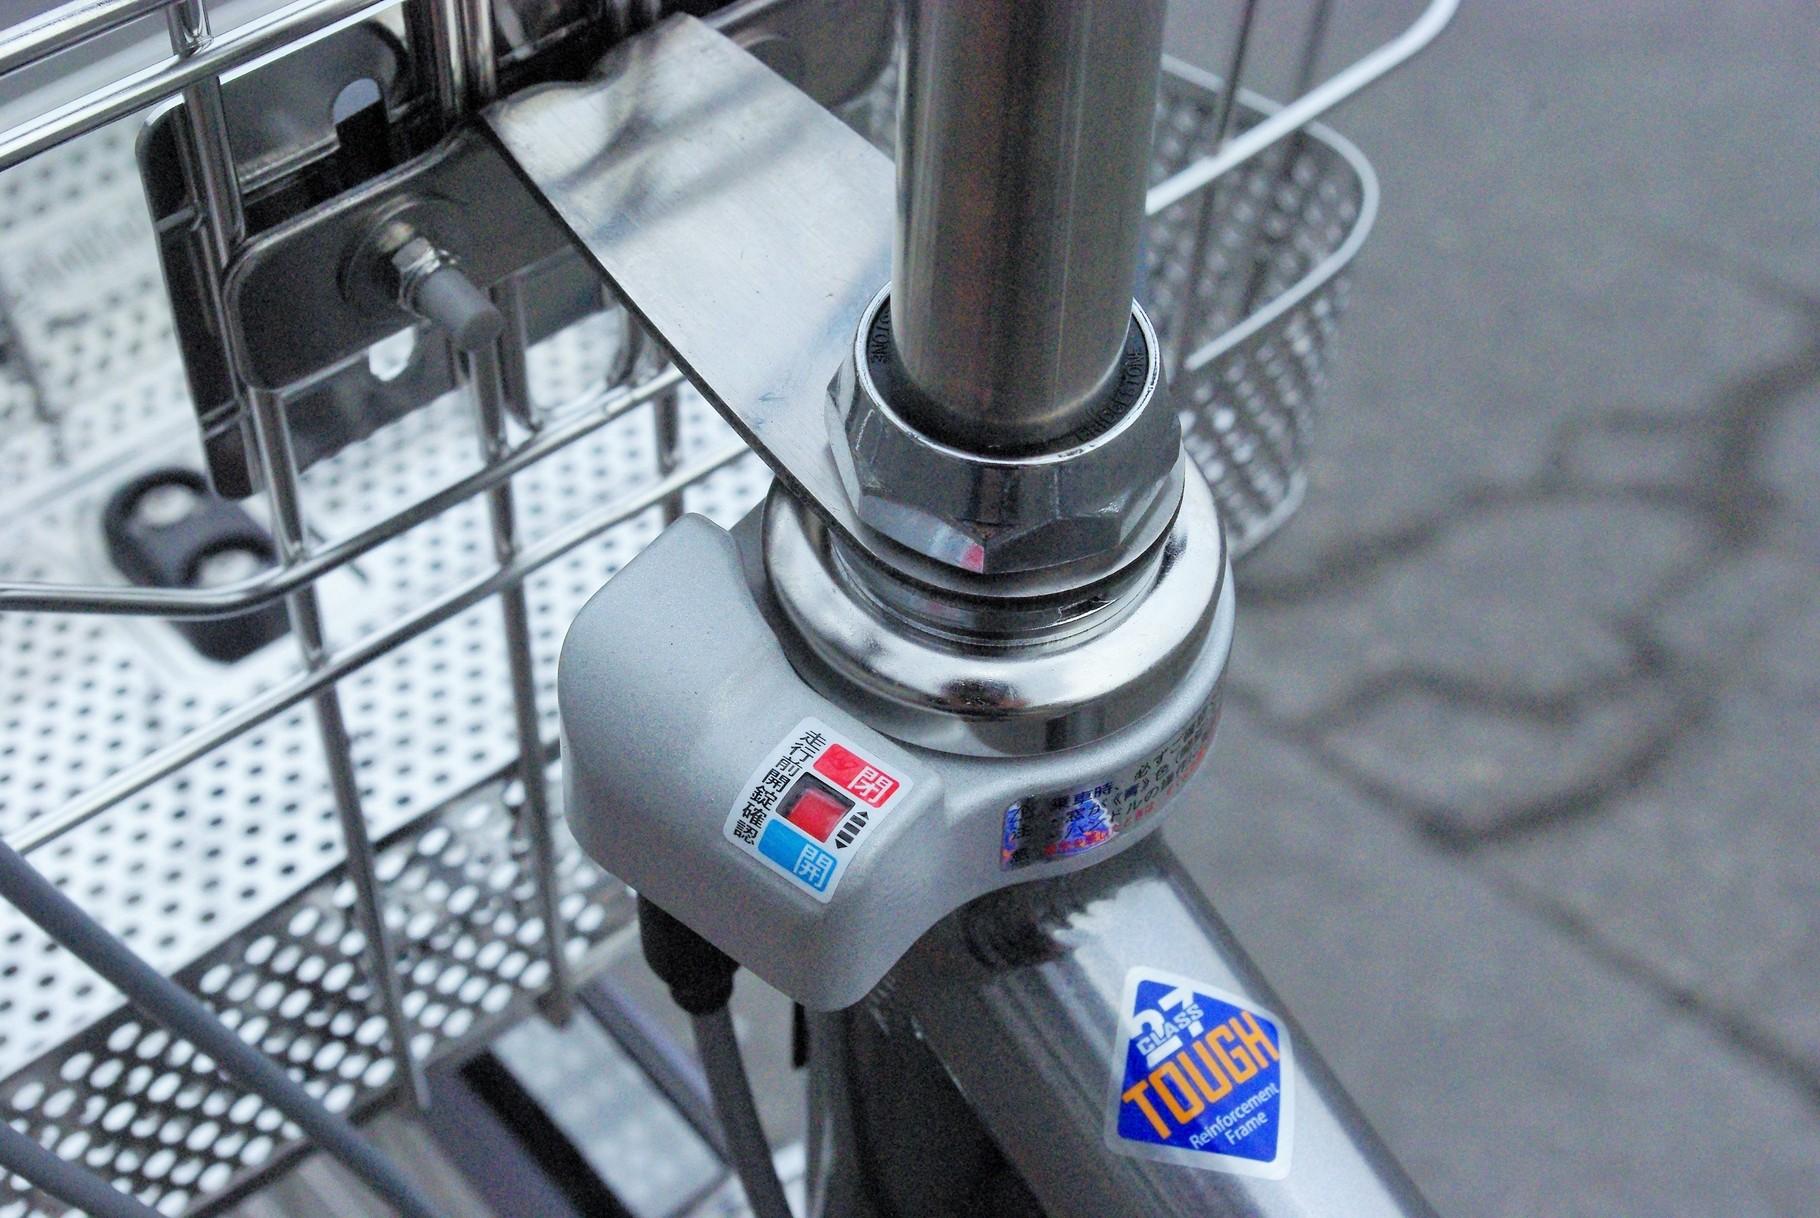 連動してハンドルもロック❕ 「一発二錠」は3年間の盗難補償付き。盗まれてしまったら、¥3,000₋/税別でメーカーから購入できます。